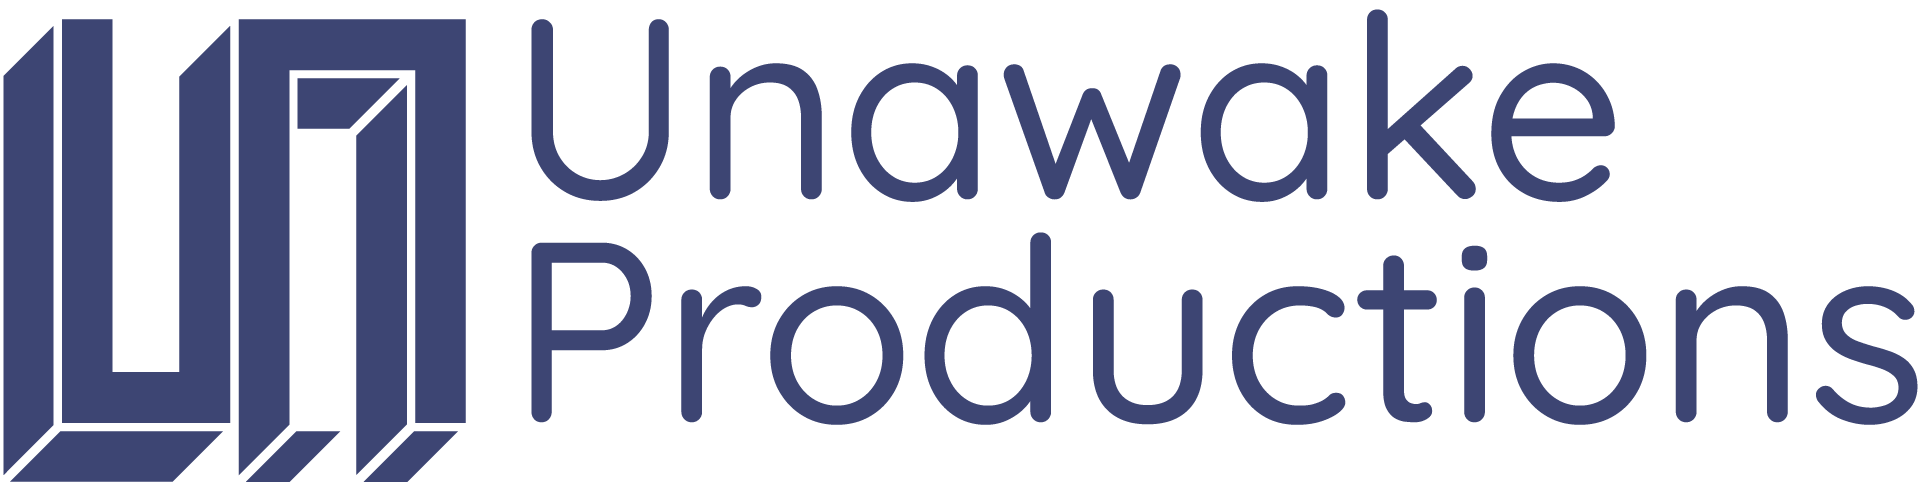 Unawake Productions